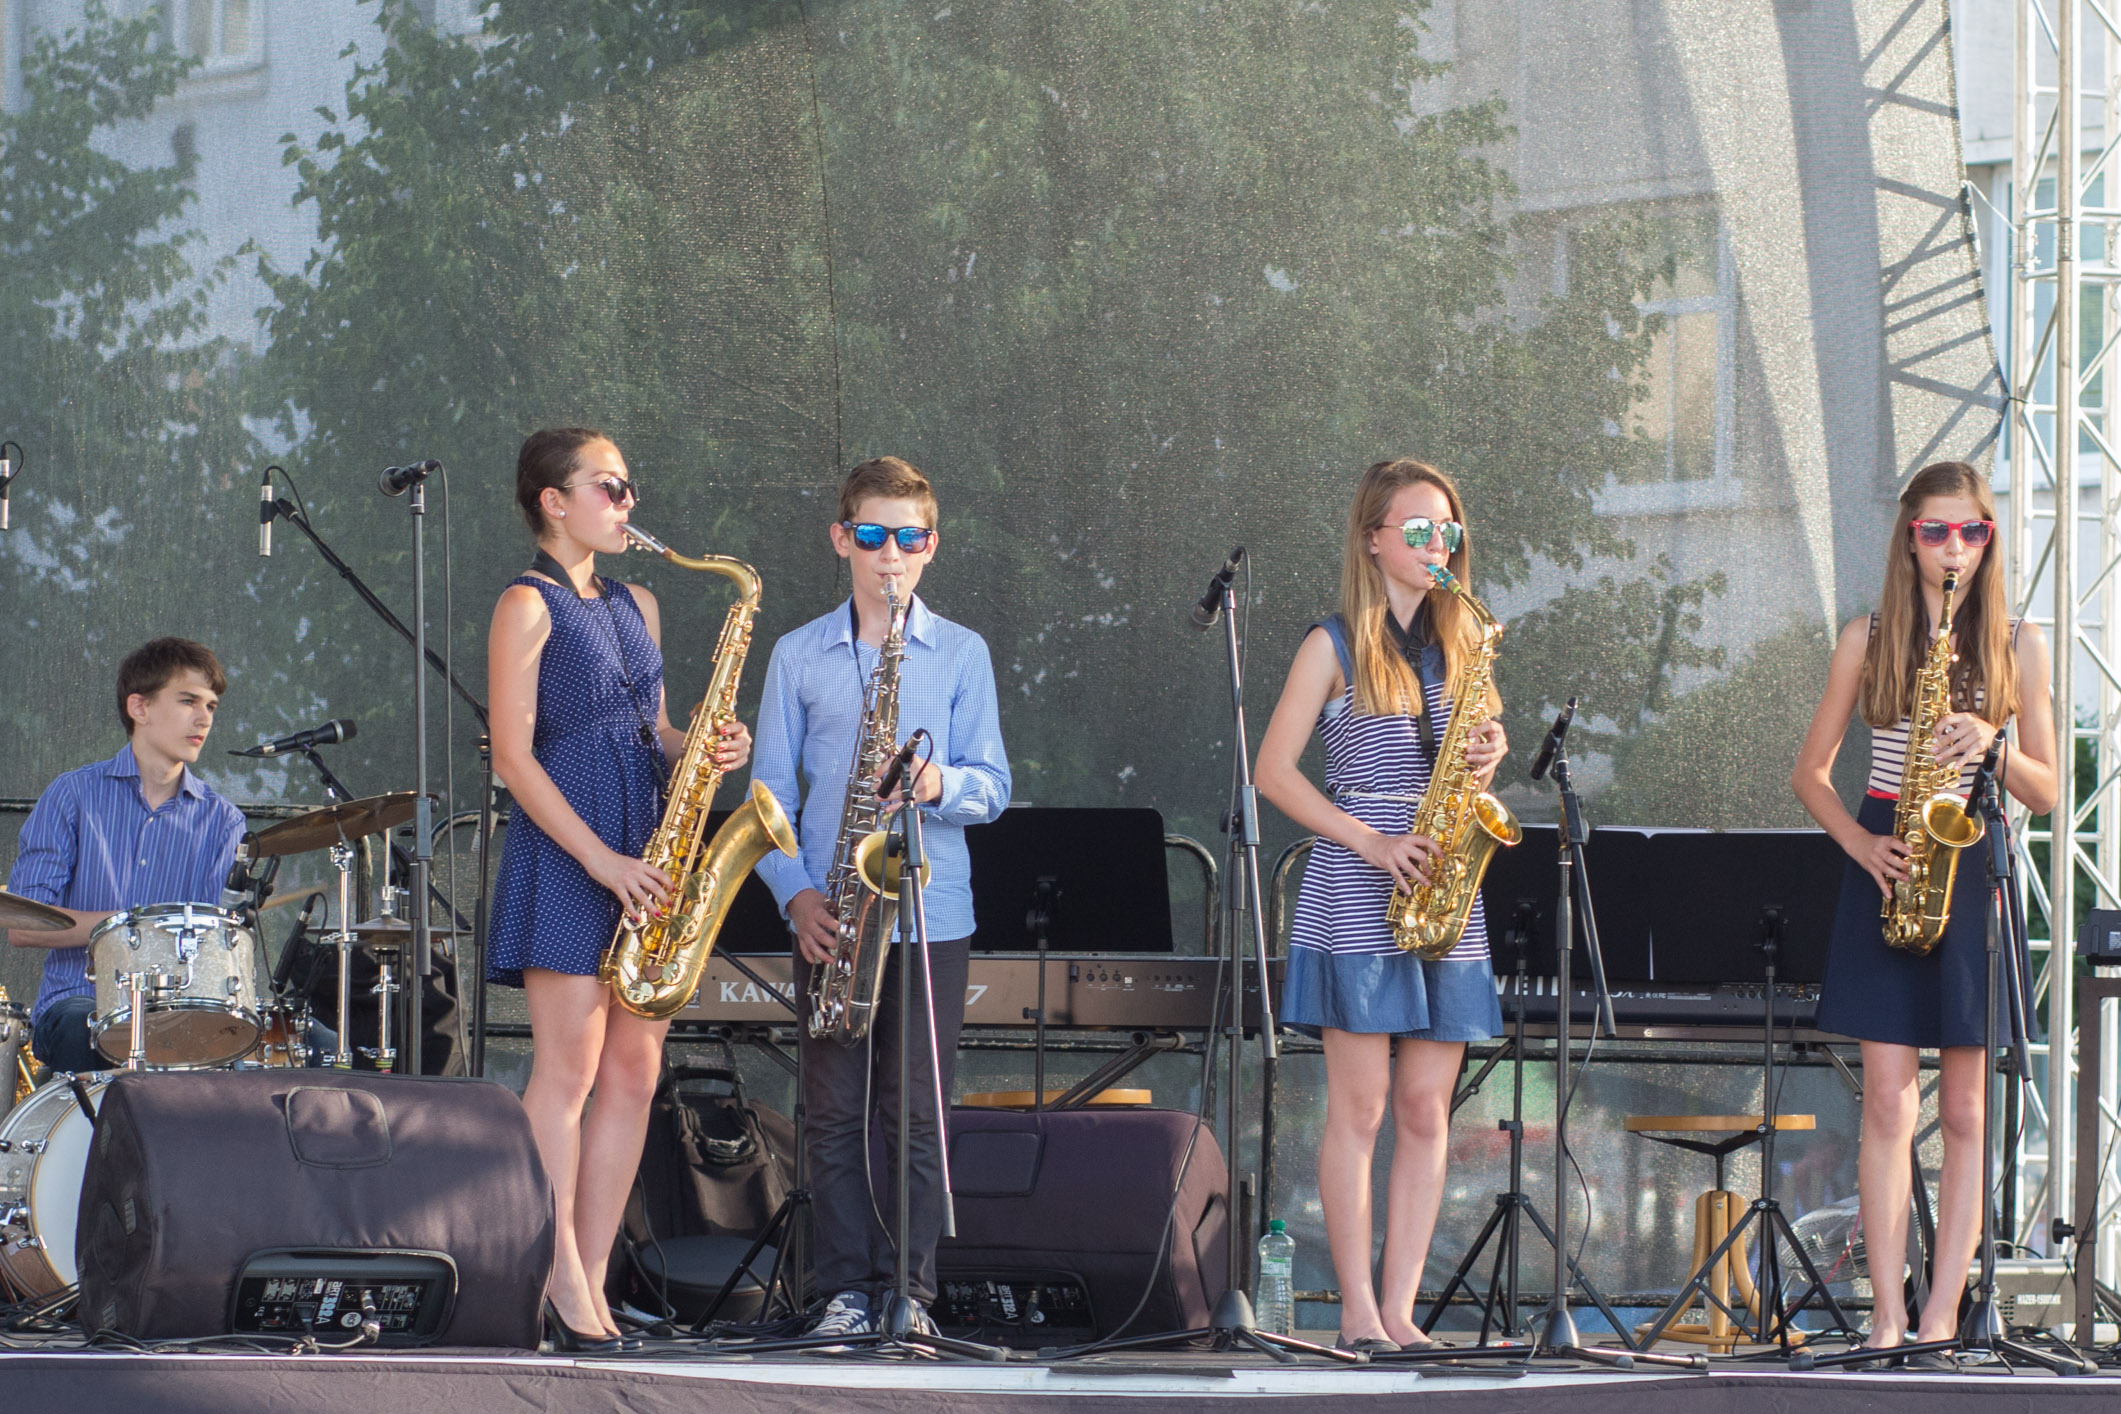 zvolensky-big-band-17